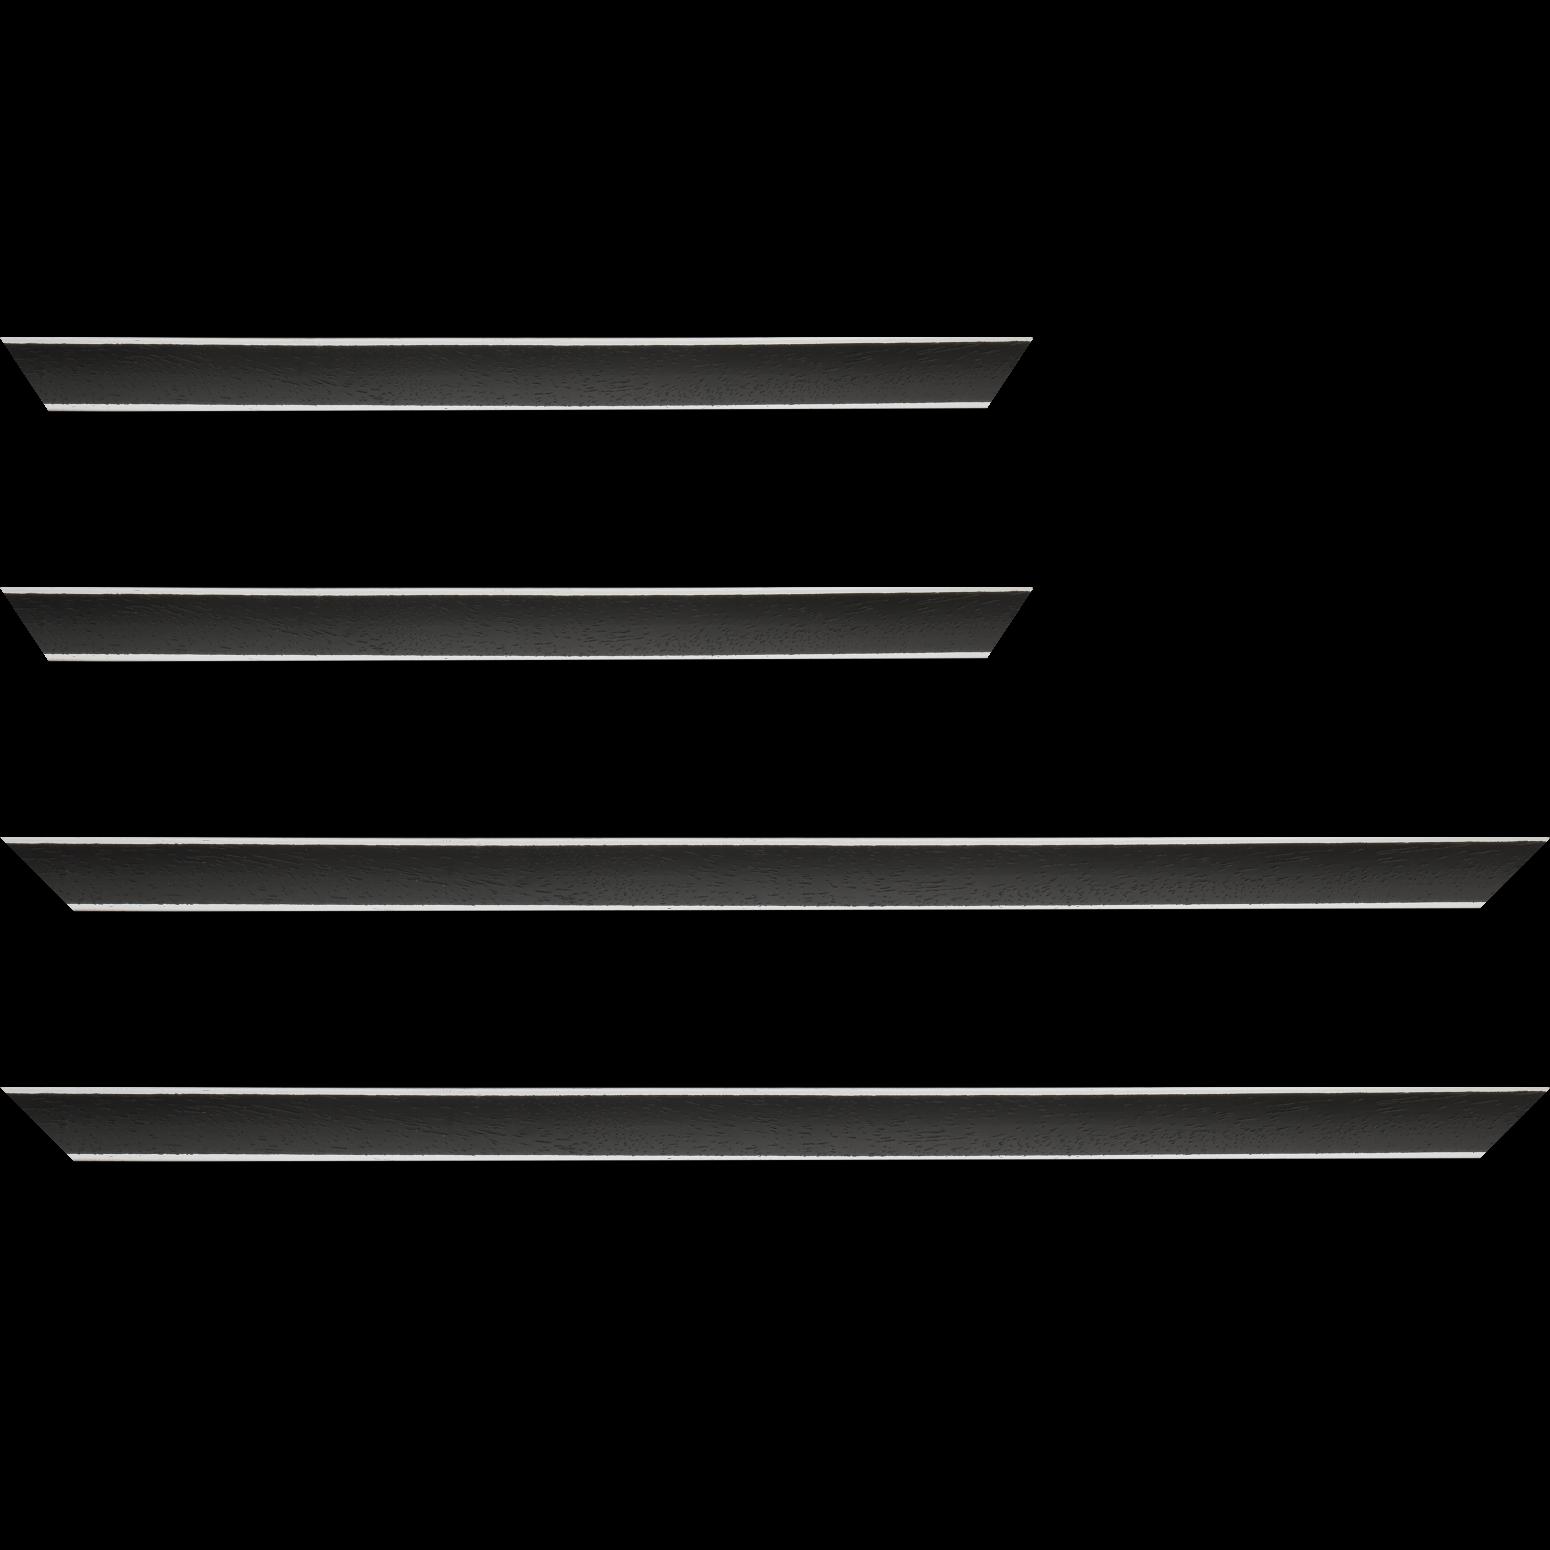 Baguette service précoupé Bois profil concave largeur 2.4cm couleur noir satiné arêtes essuyés blanchies de chaque coté